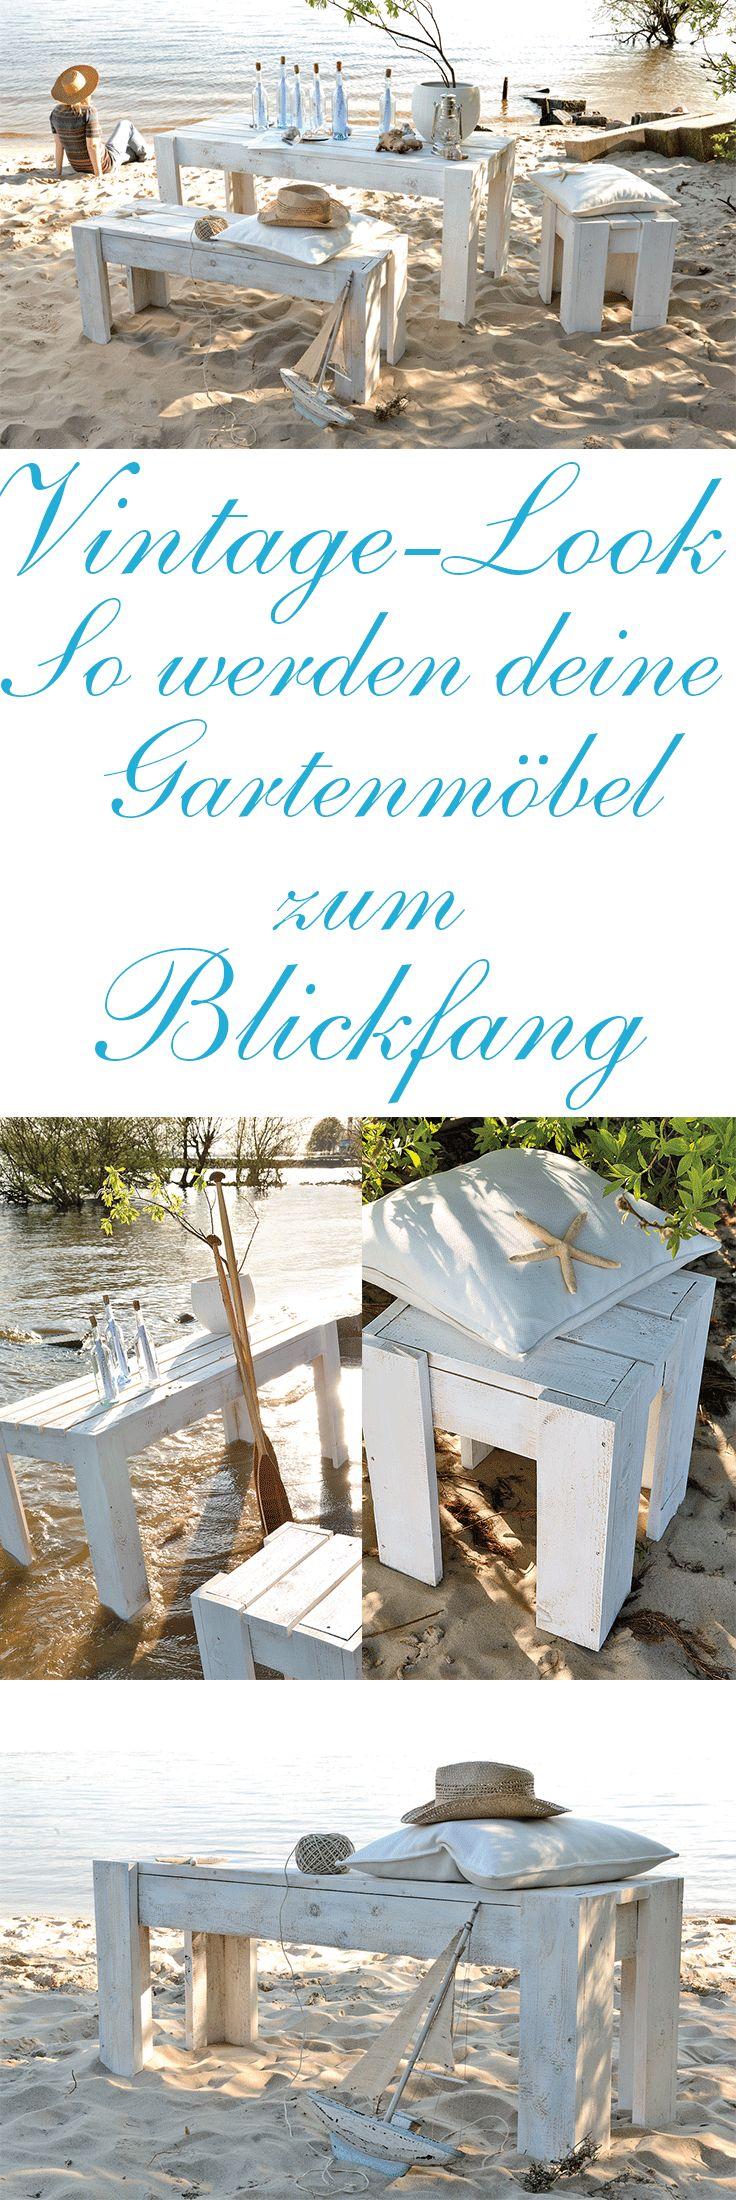 Mit Diesen Angesagten Gartenmöbeln Im Vintage Look Bist Du Der Star Jeder  Grillparty. Die